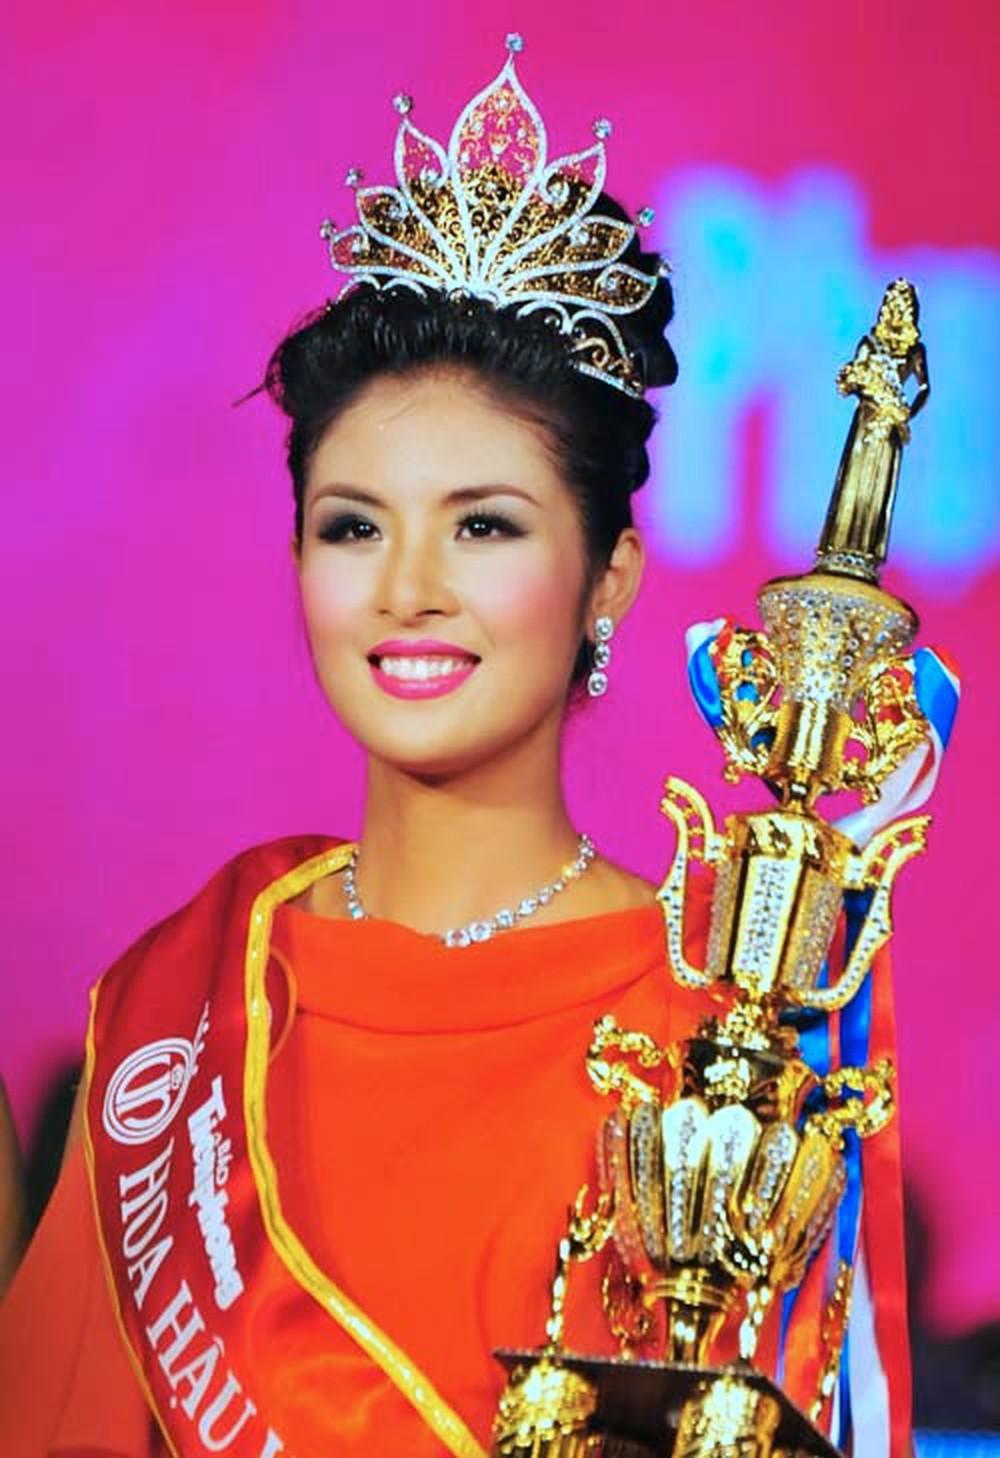 Vẻ đẹp thuần khiết của 16 cô gái thuở mới đăng quang Hoa hậu Việt Nam: Chờ đợi nhan sắc kế nhiệm Tiểu Vy Ảnh 10